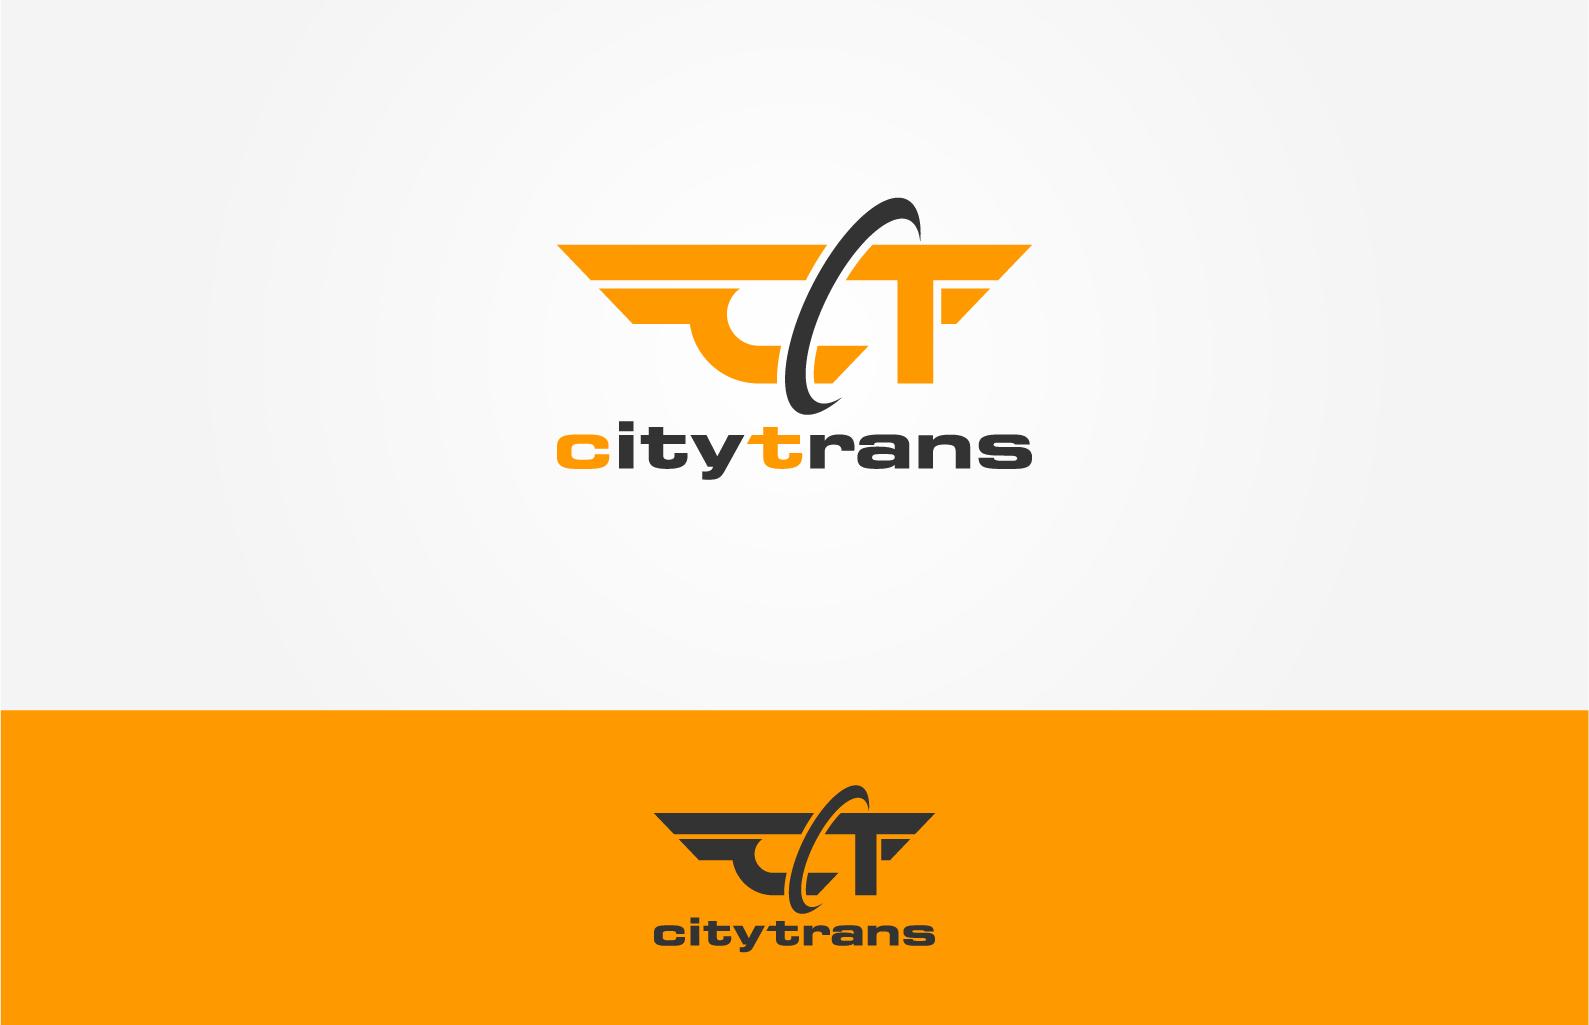 Разработка Логотипа транспортной компании фото f_2135e6d115aad038.jpg